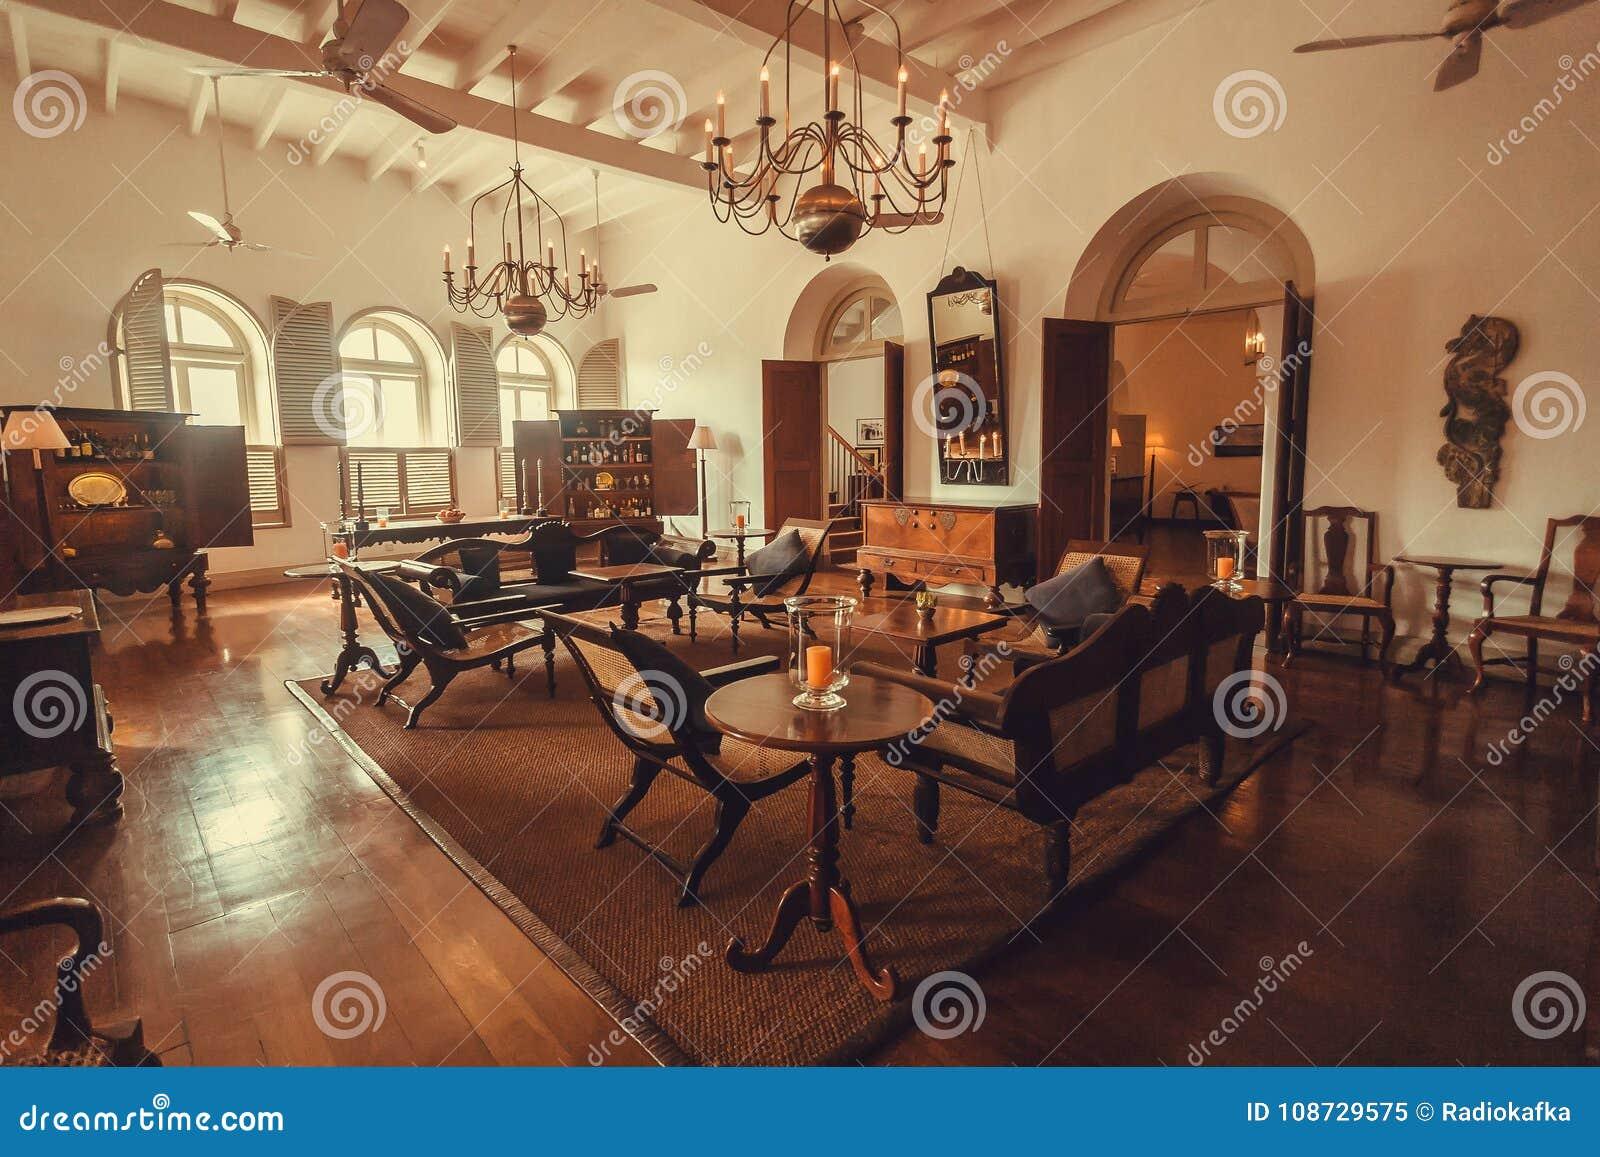 Dentro Del Hotel Selecto Hist Rico De Cinco Estrellas Con Muebles